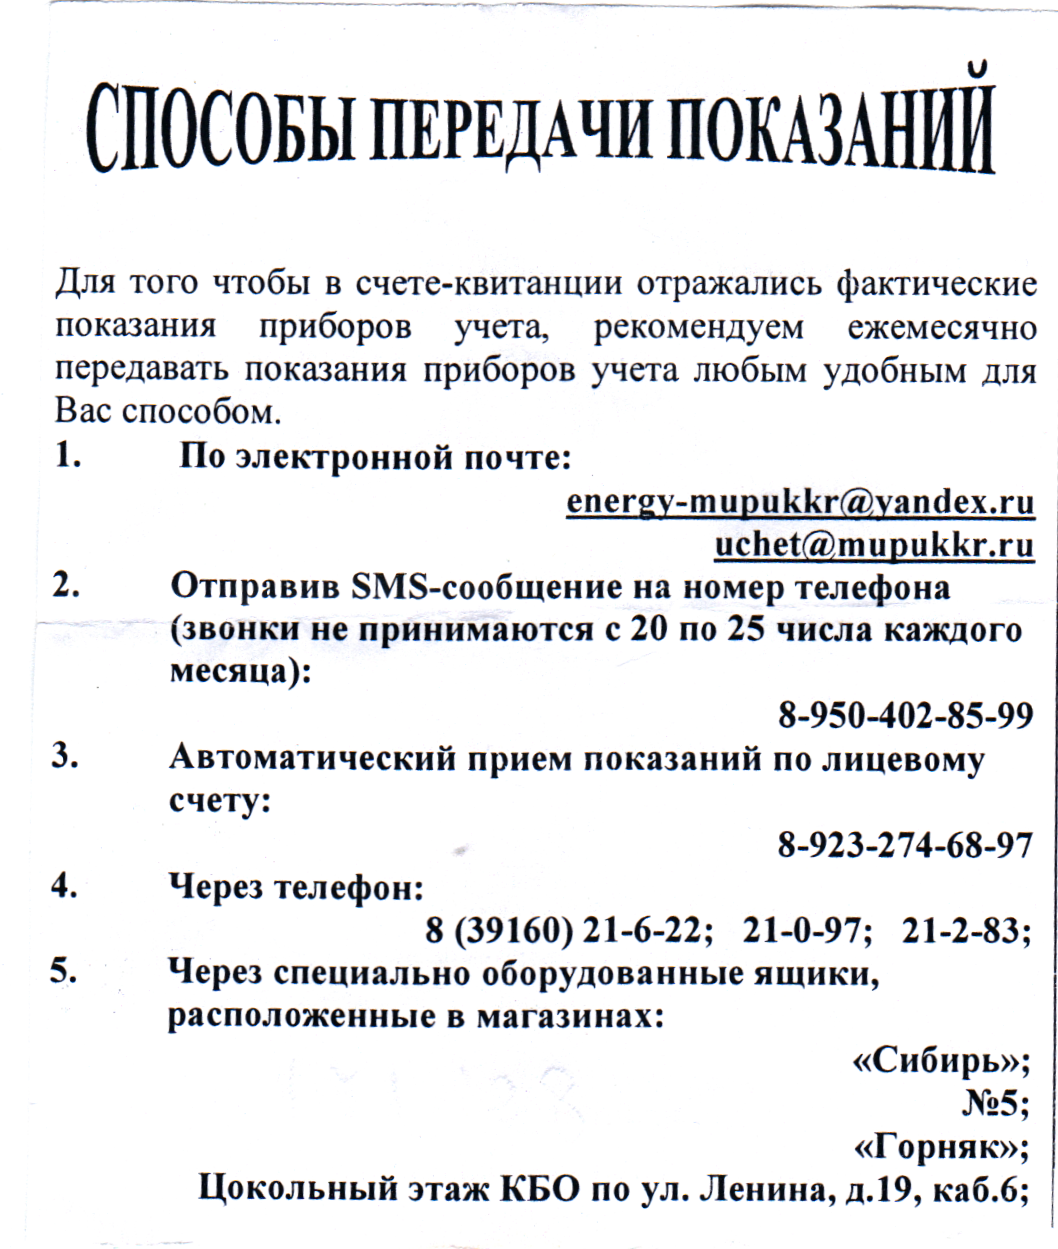 pokazaniya1